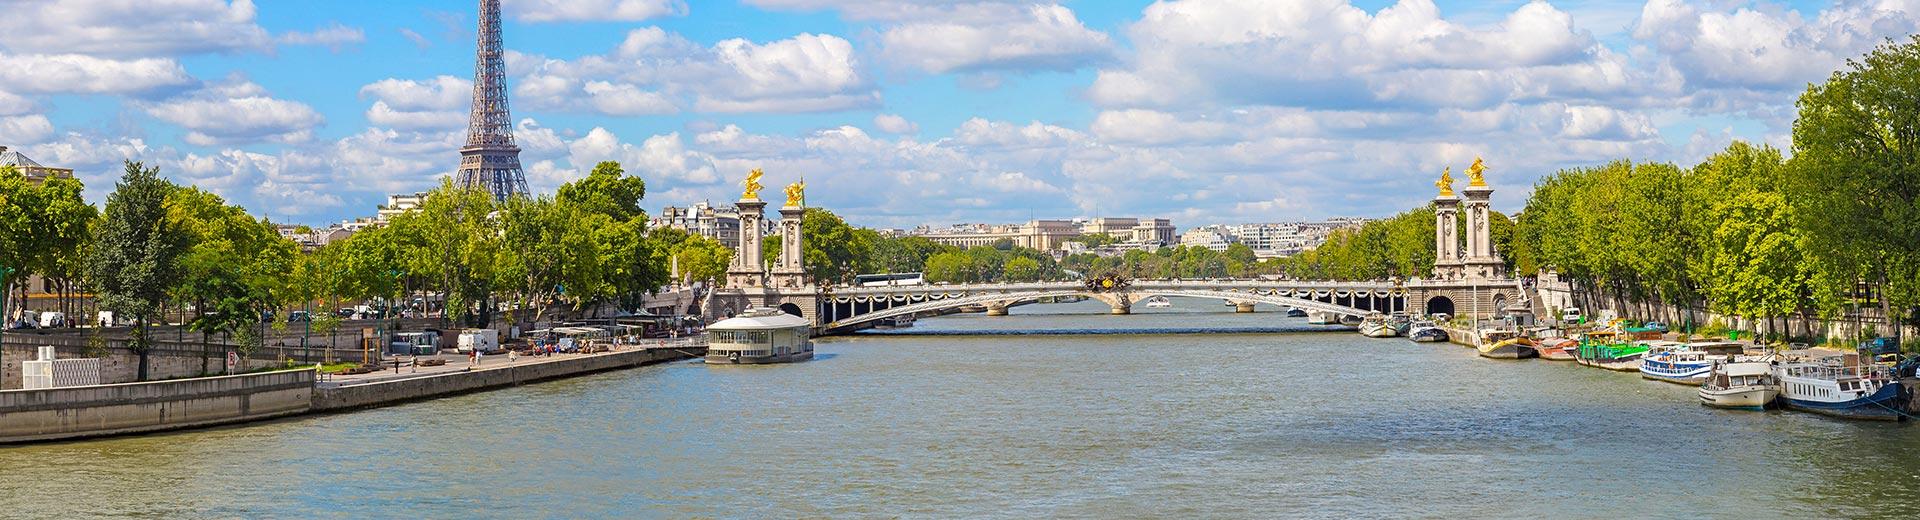 Gruppenreise Paris - Package Gruppen Budget Bahn